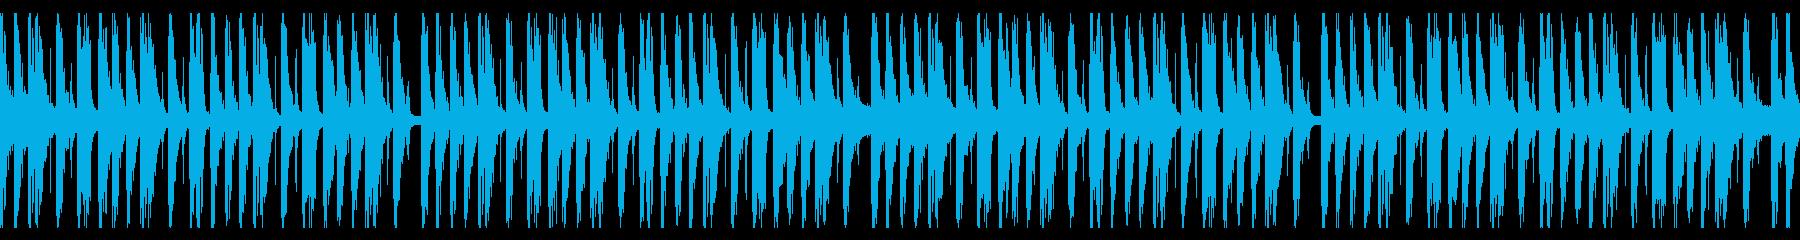 ファッションウィーク(ループ-30秒)の再生済みの波形